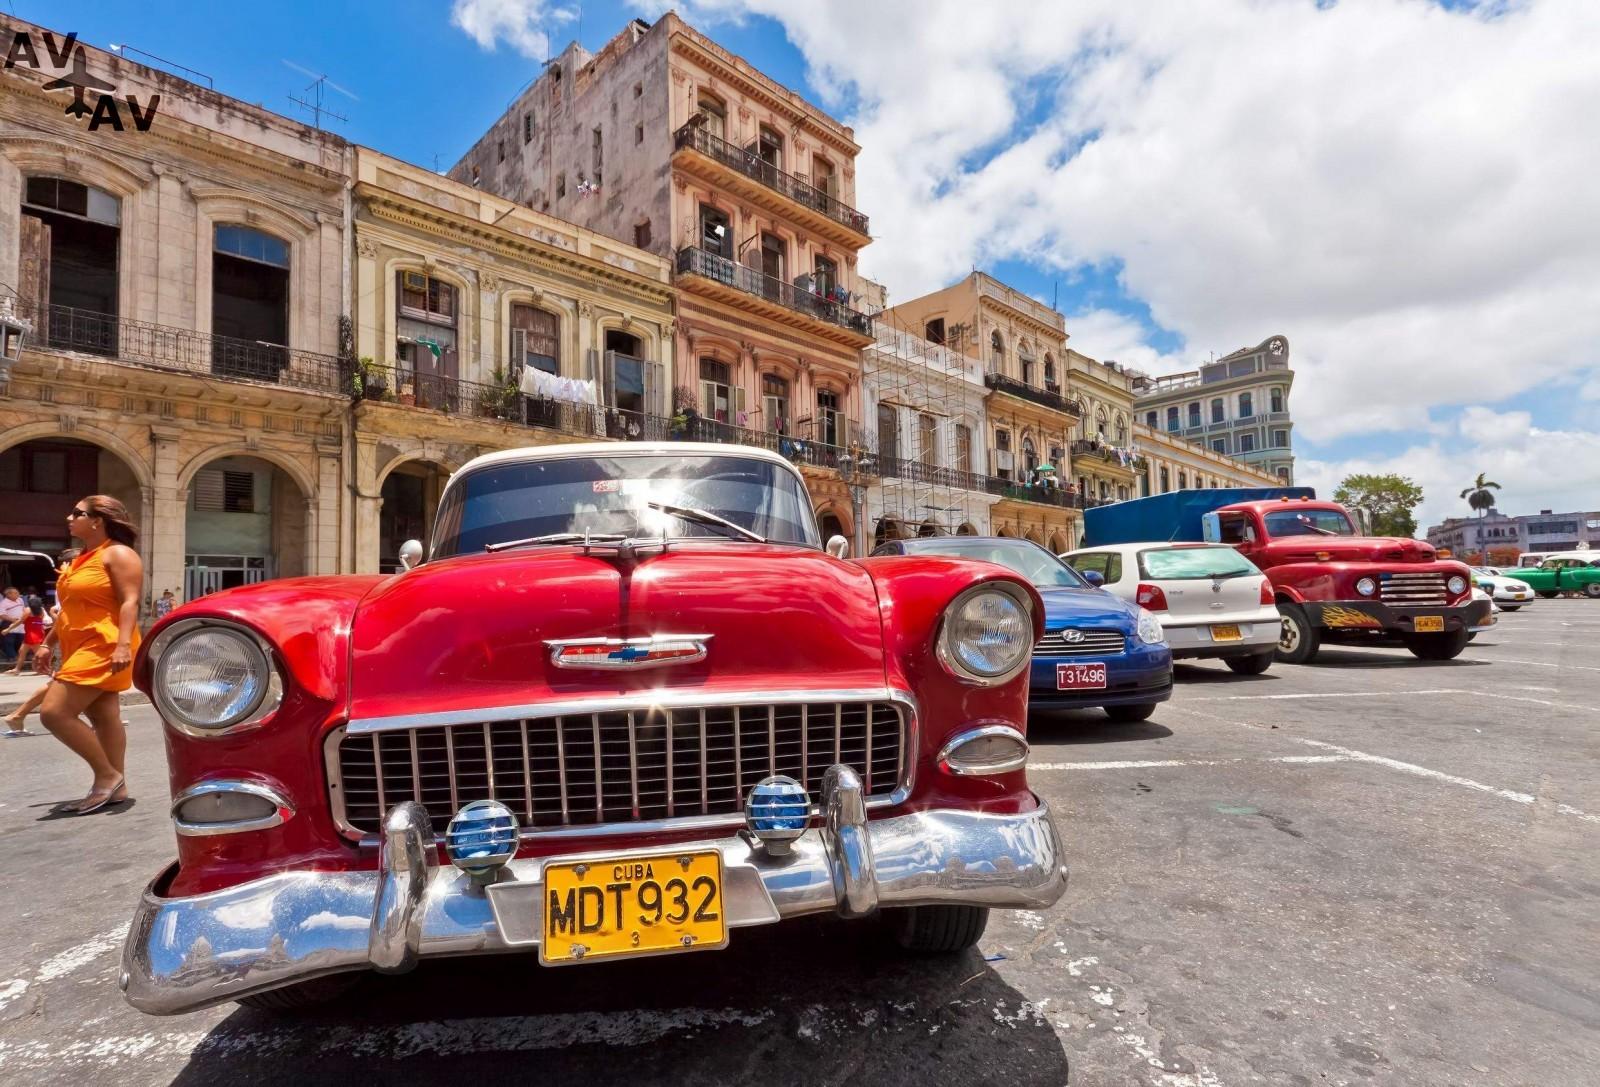 Meditsinskiy turizm na Kube - Медицинский туризм на Кубе